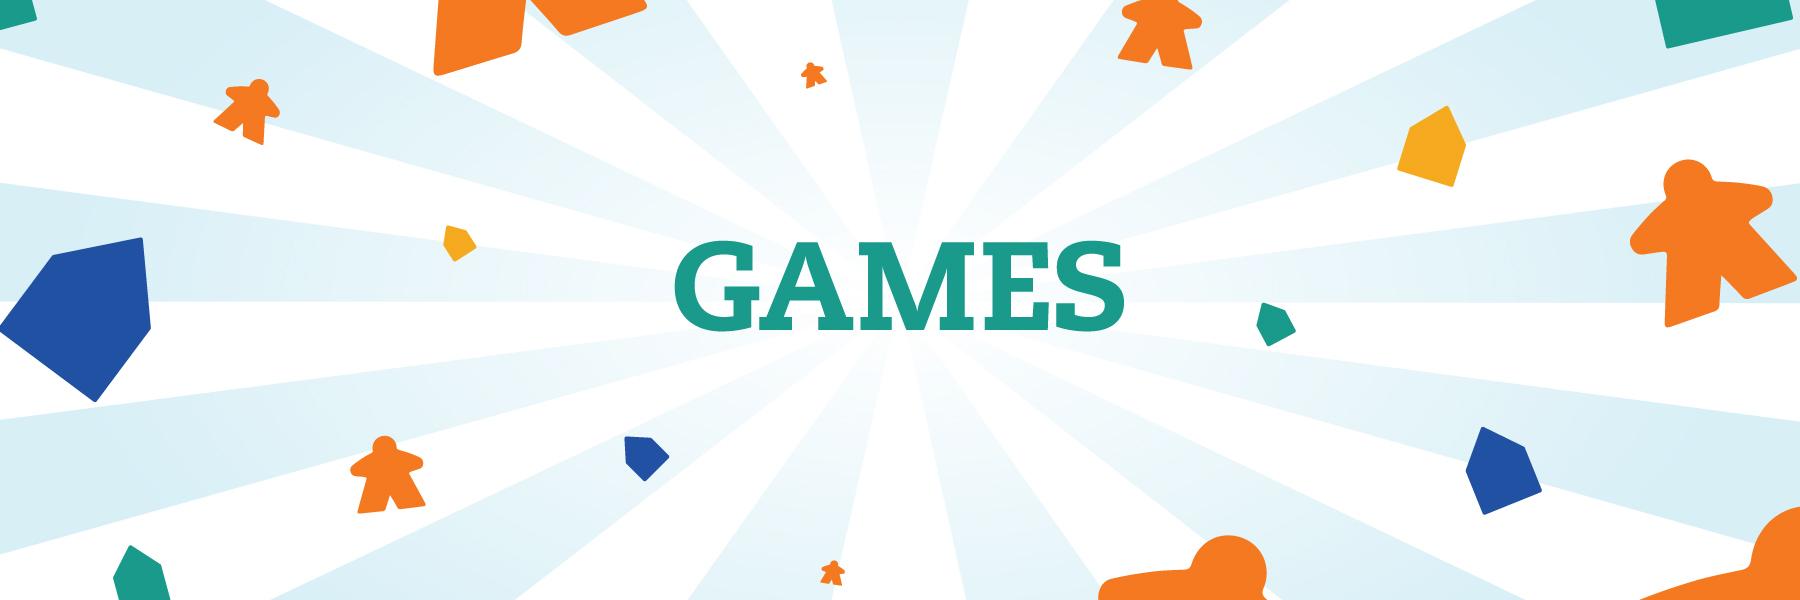 a-game-games.jpg